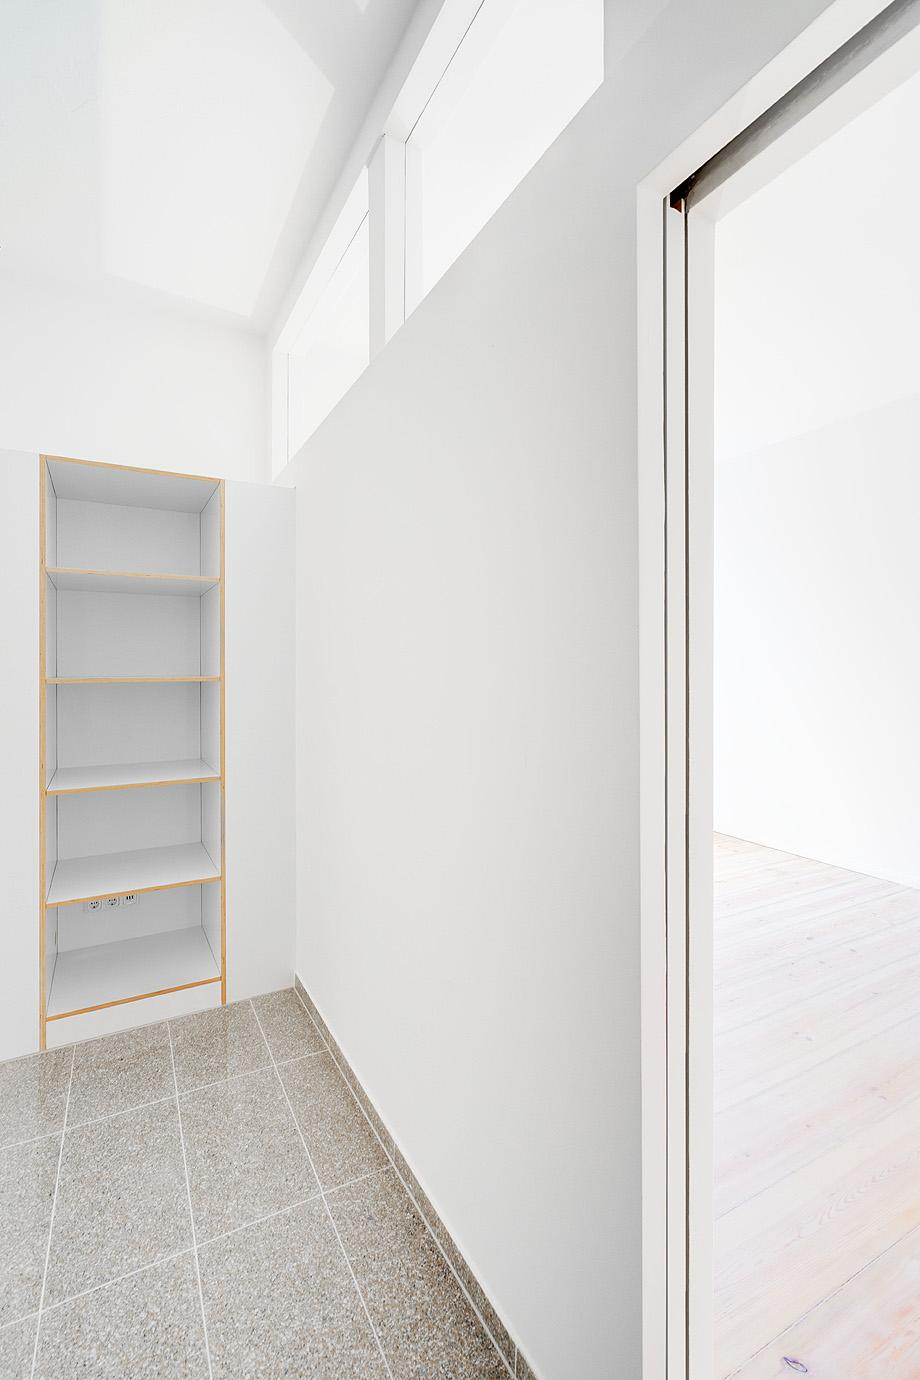 apartamento am106 de paola bagna - foto ringo paulusch (48)